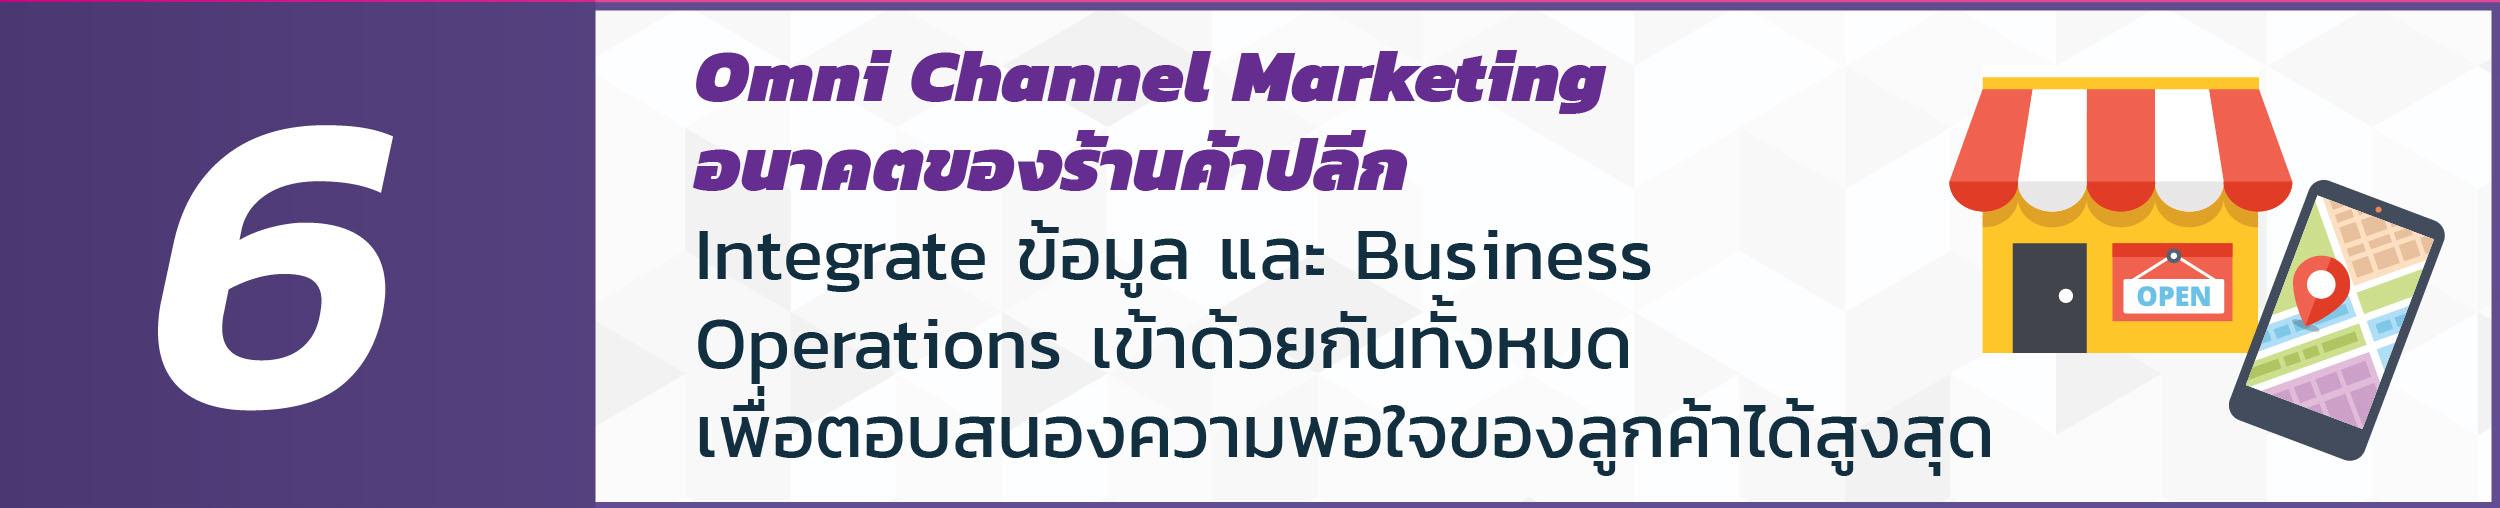 เปิดร้านออนไลน์_Omni_Channel